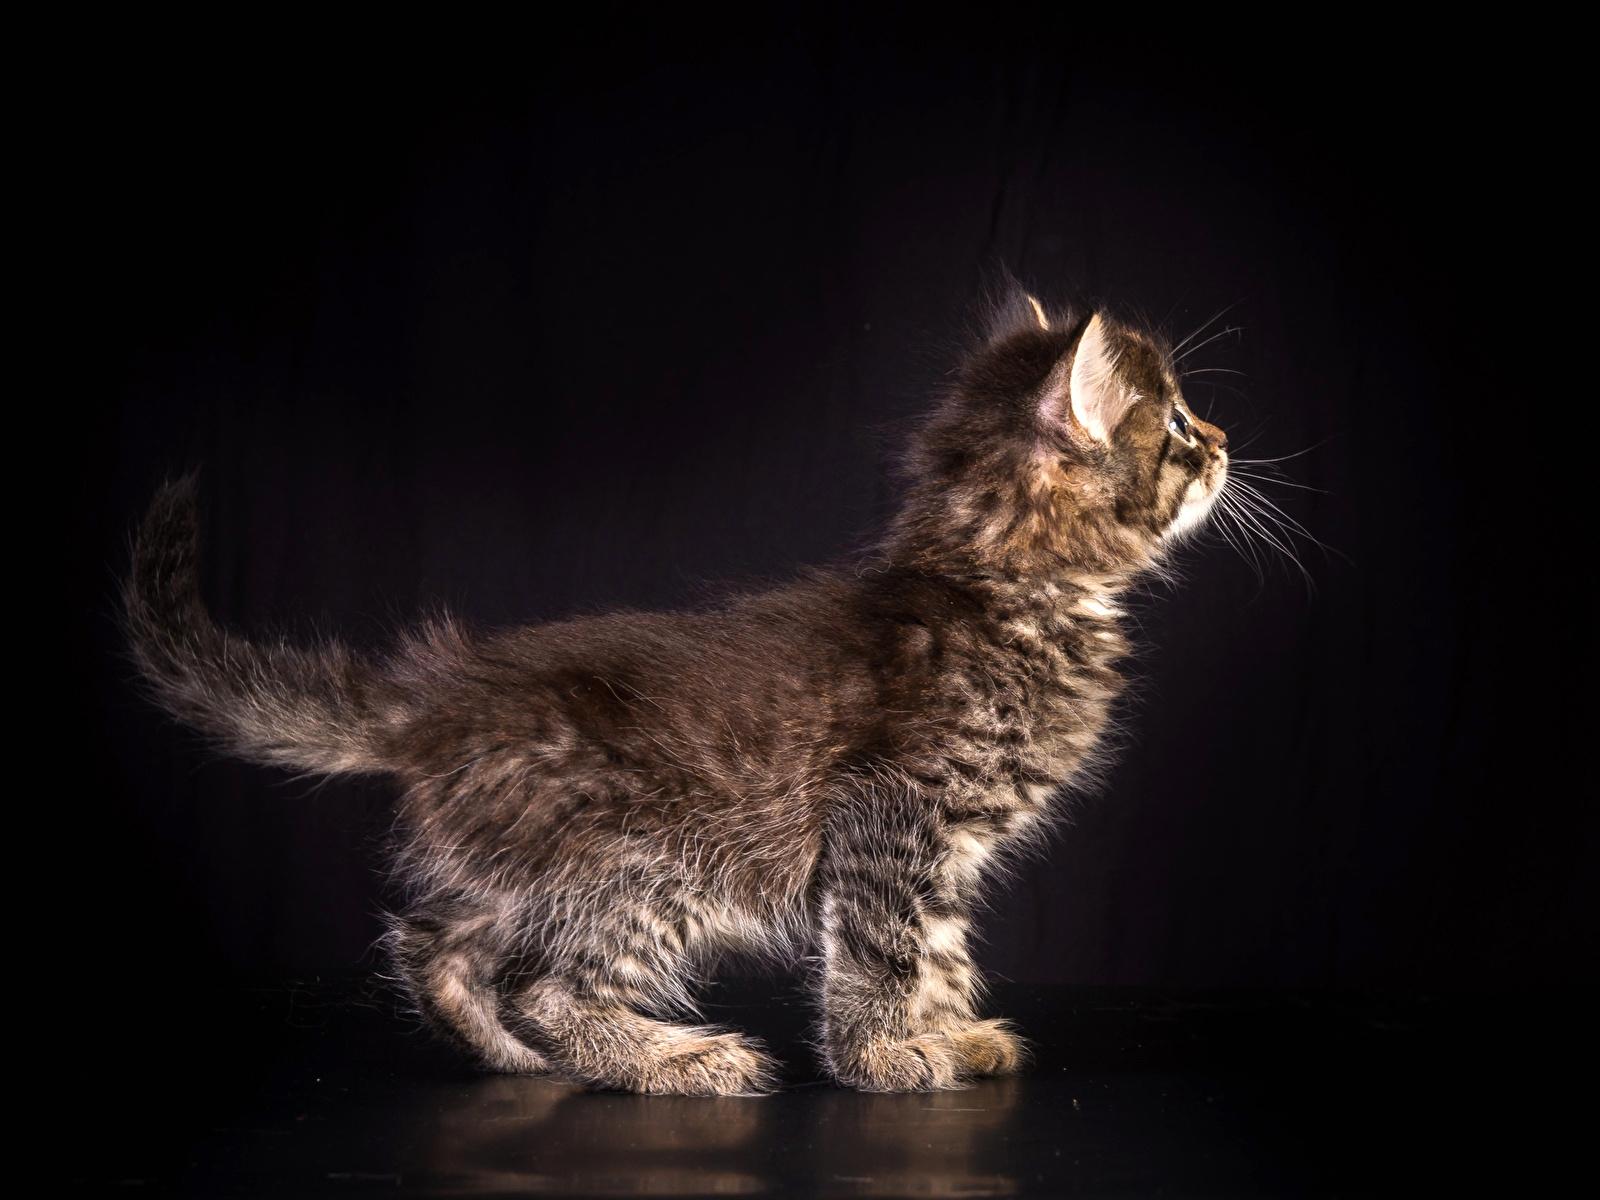 Фотография котенок Кошки животное на черном фоне 1600x1200 котят Котята котенка кот коты кошка Животные Черный фон